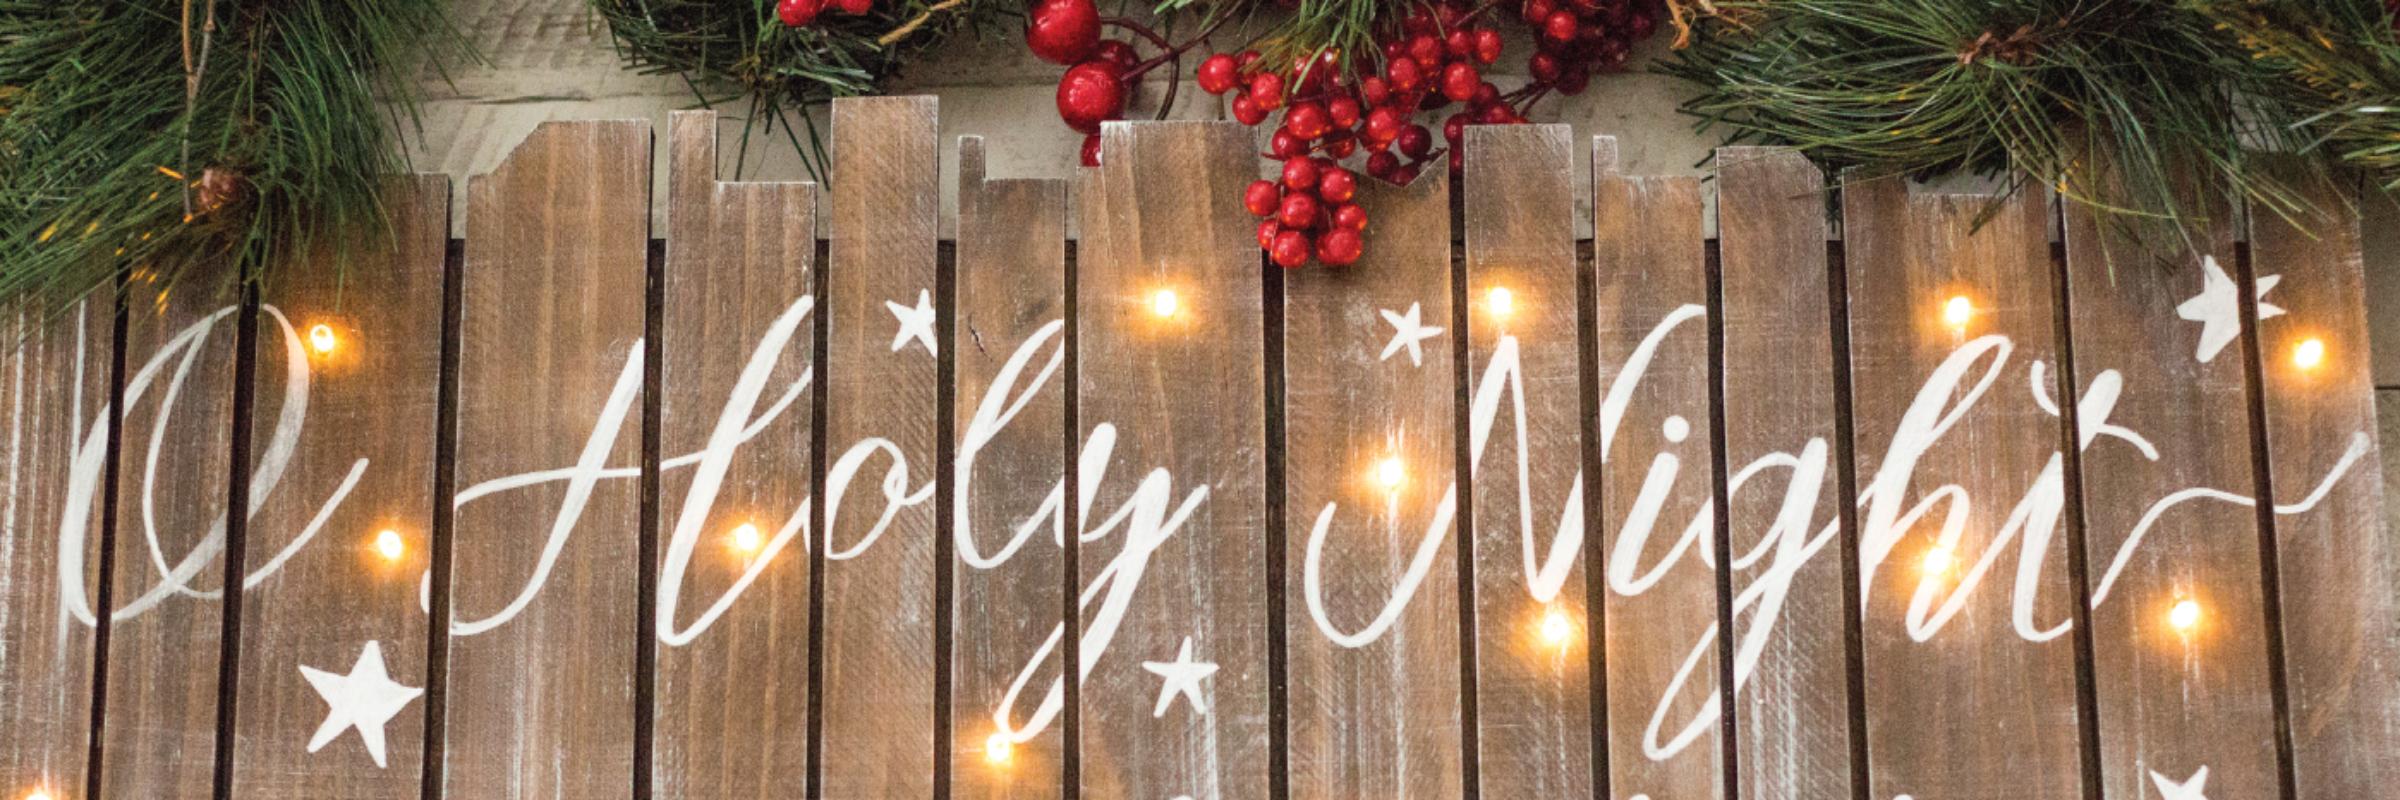 Christmas-Slider-Image-4